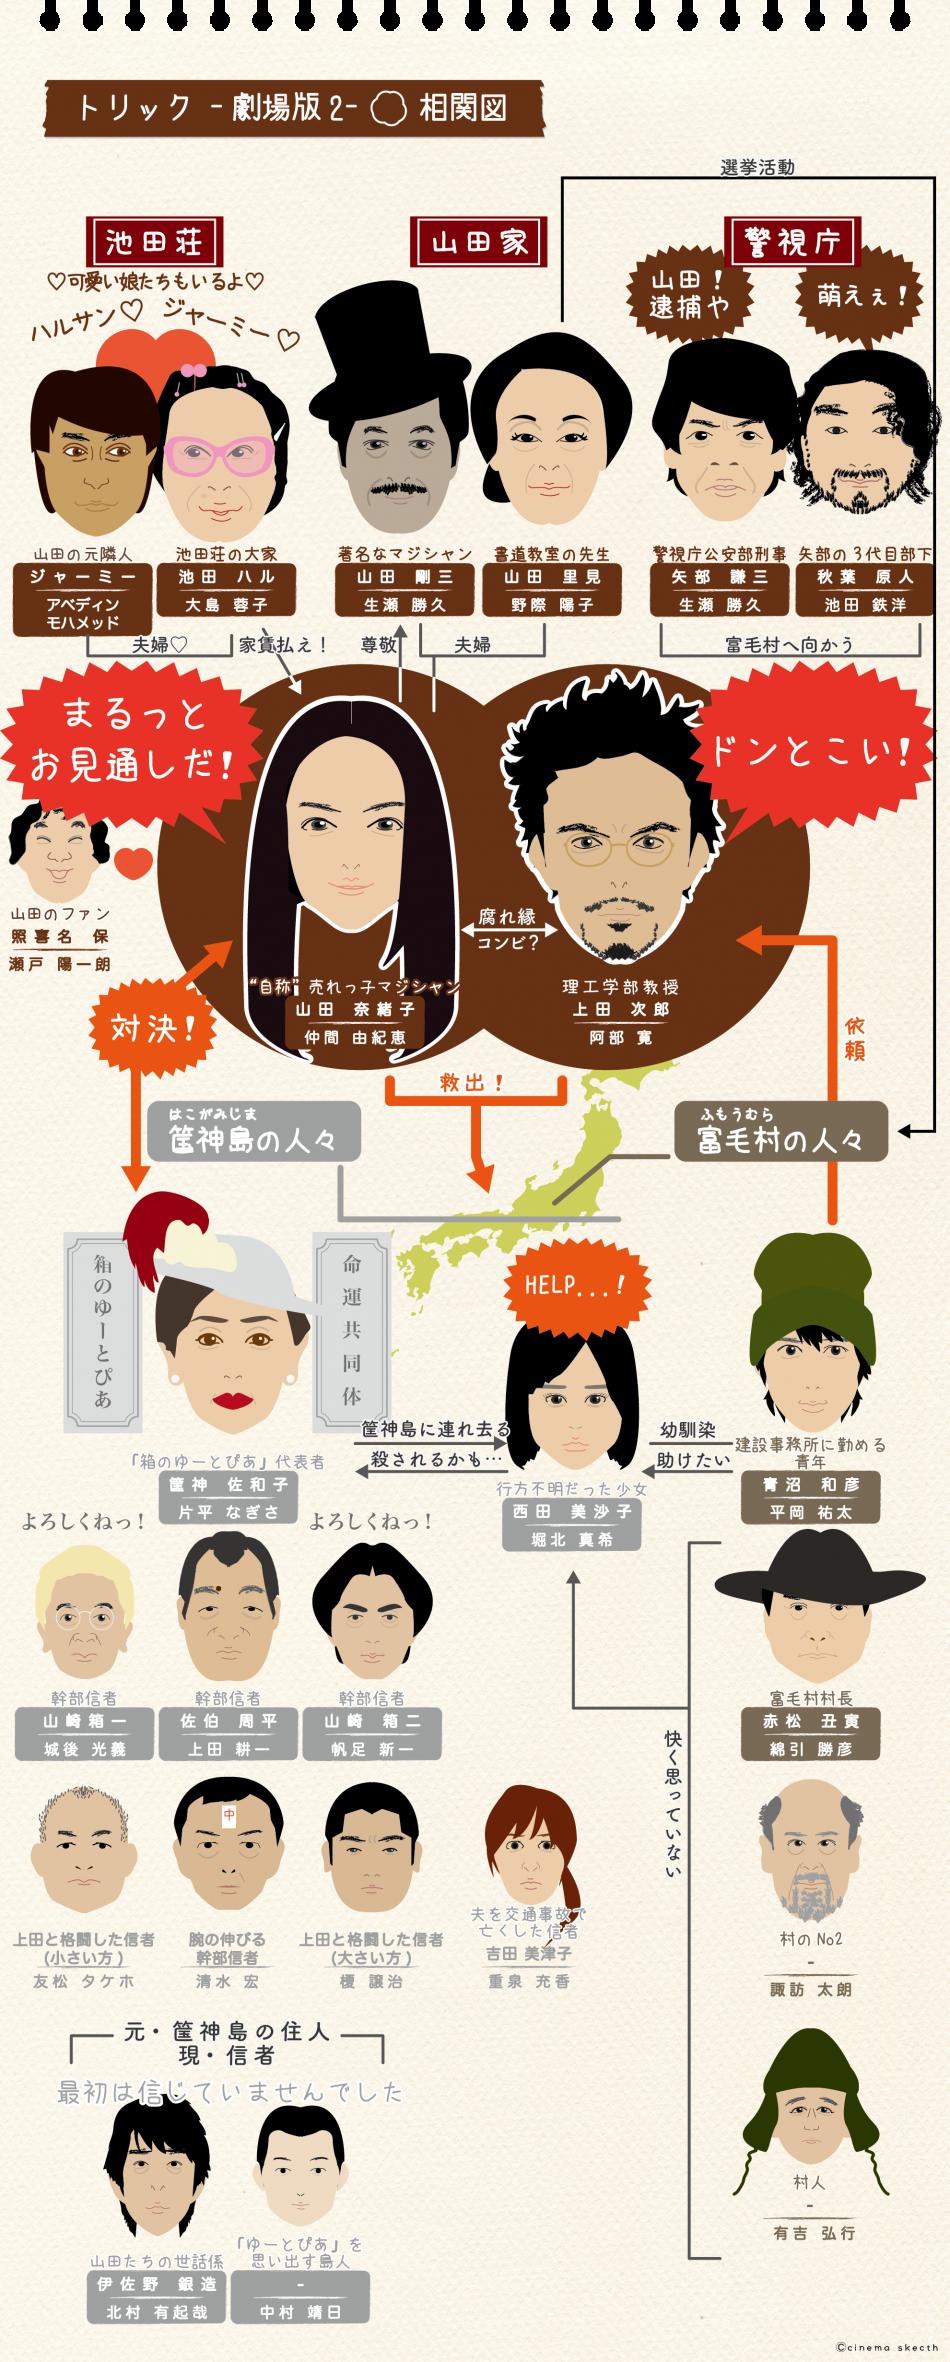 映画『トリック -劇場版2-』の相関図